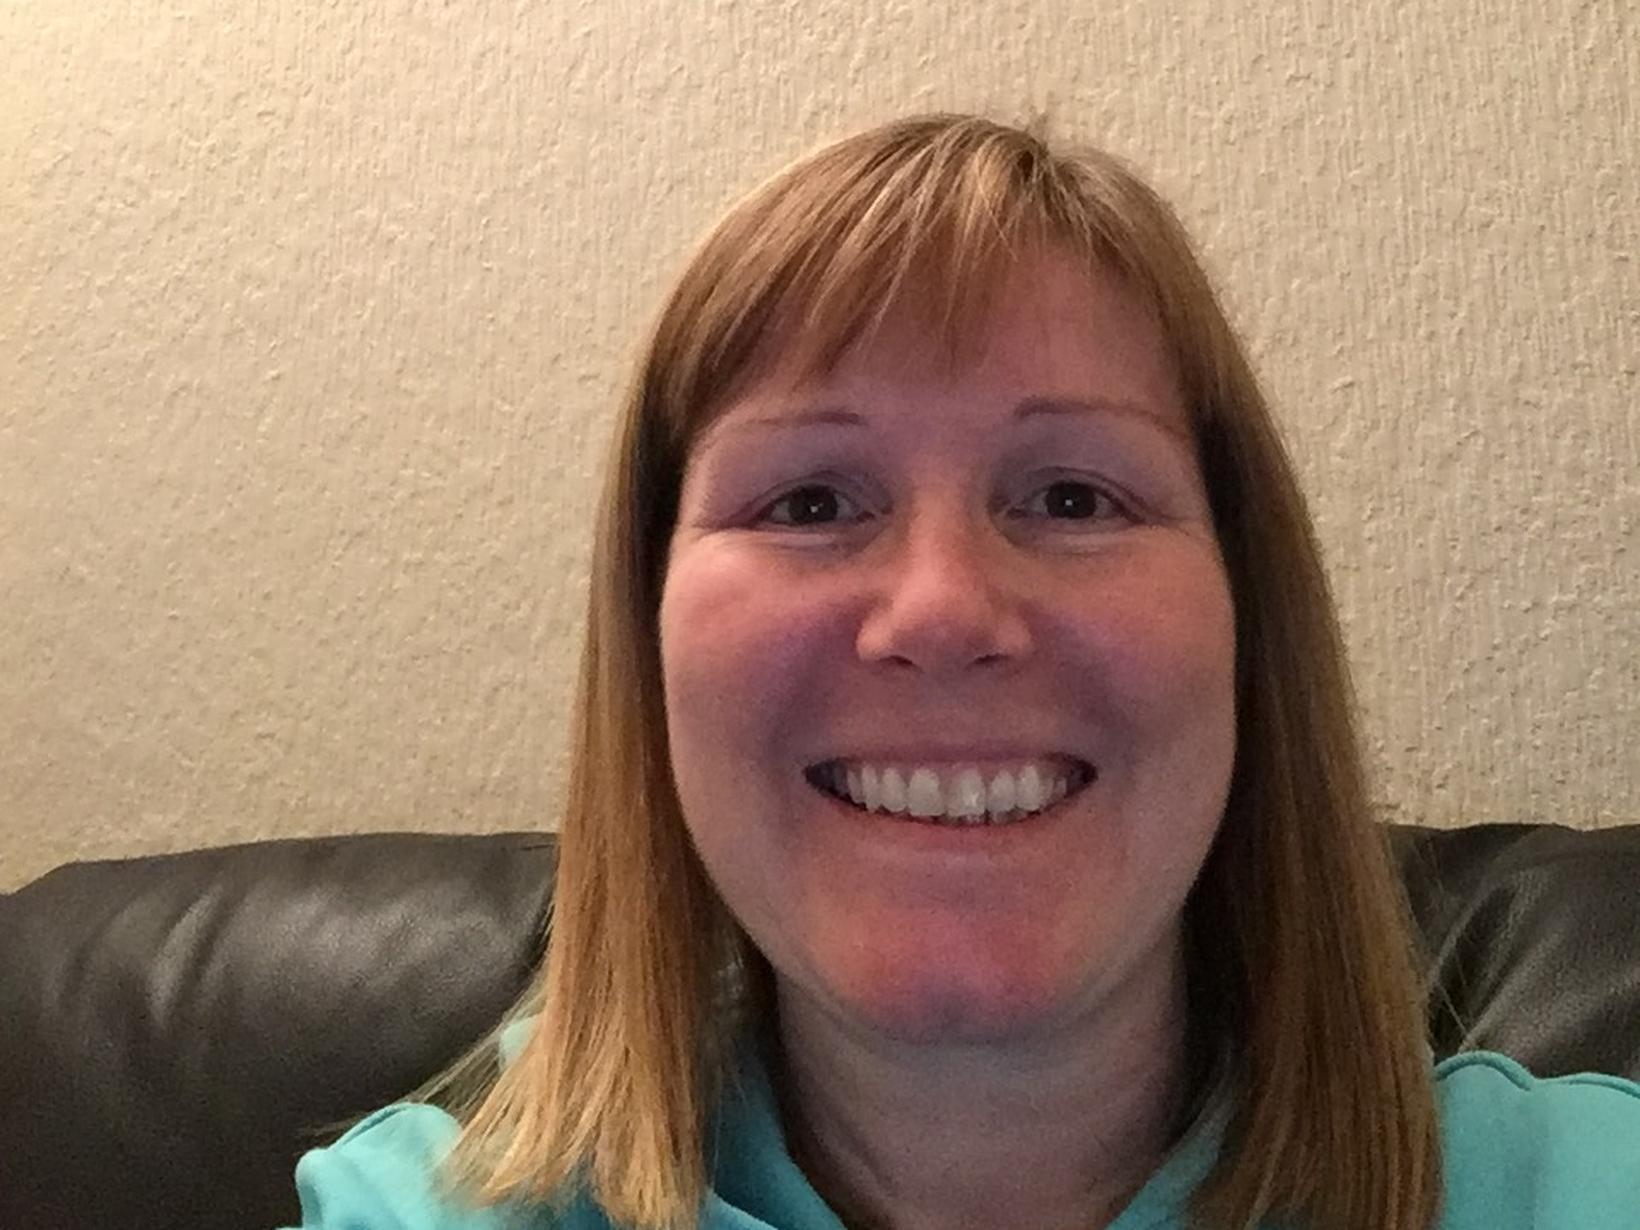 Gillian from Edinburgh, United Kingdom